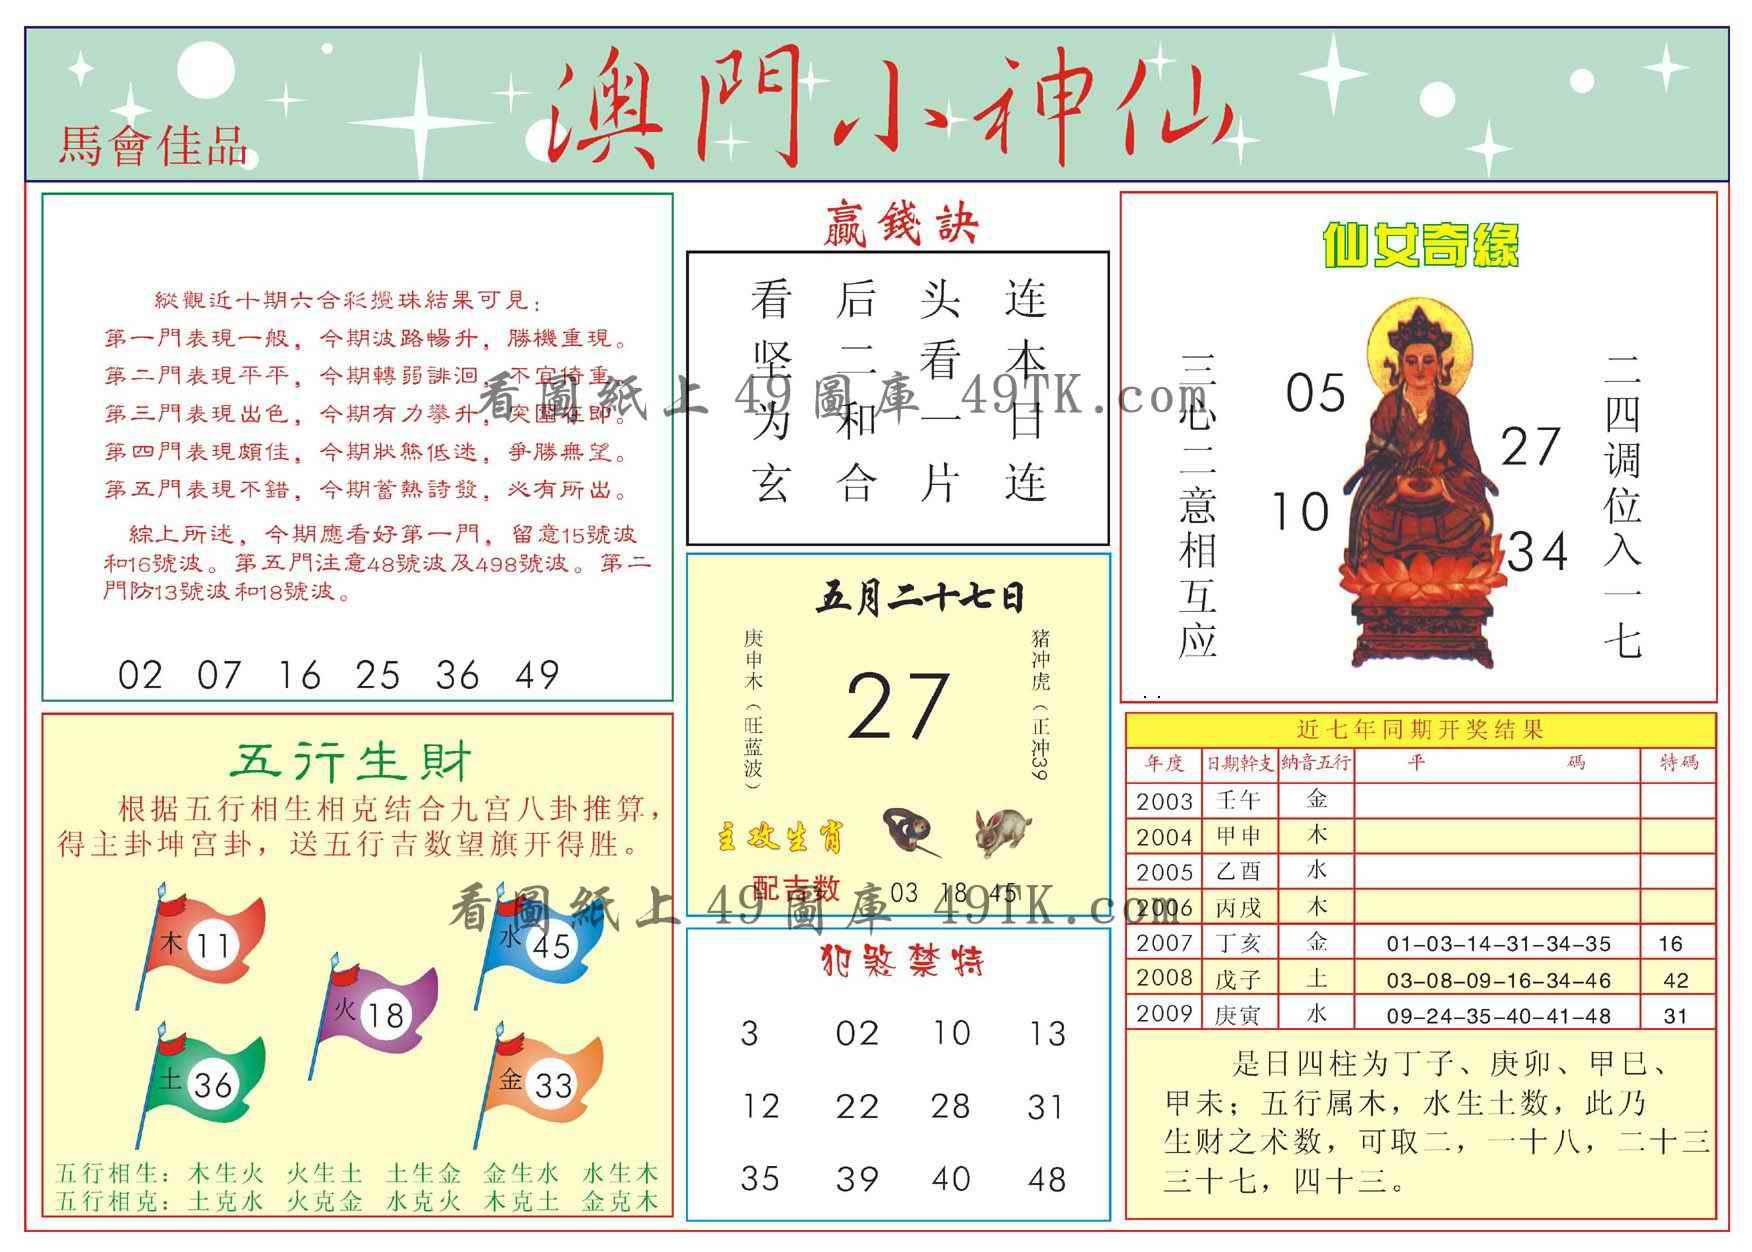 059期澳门小神仙-2